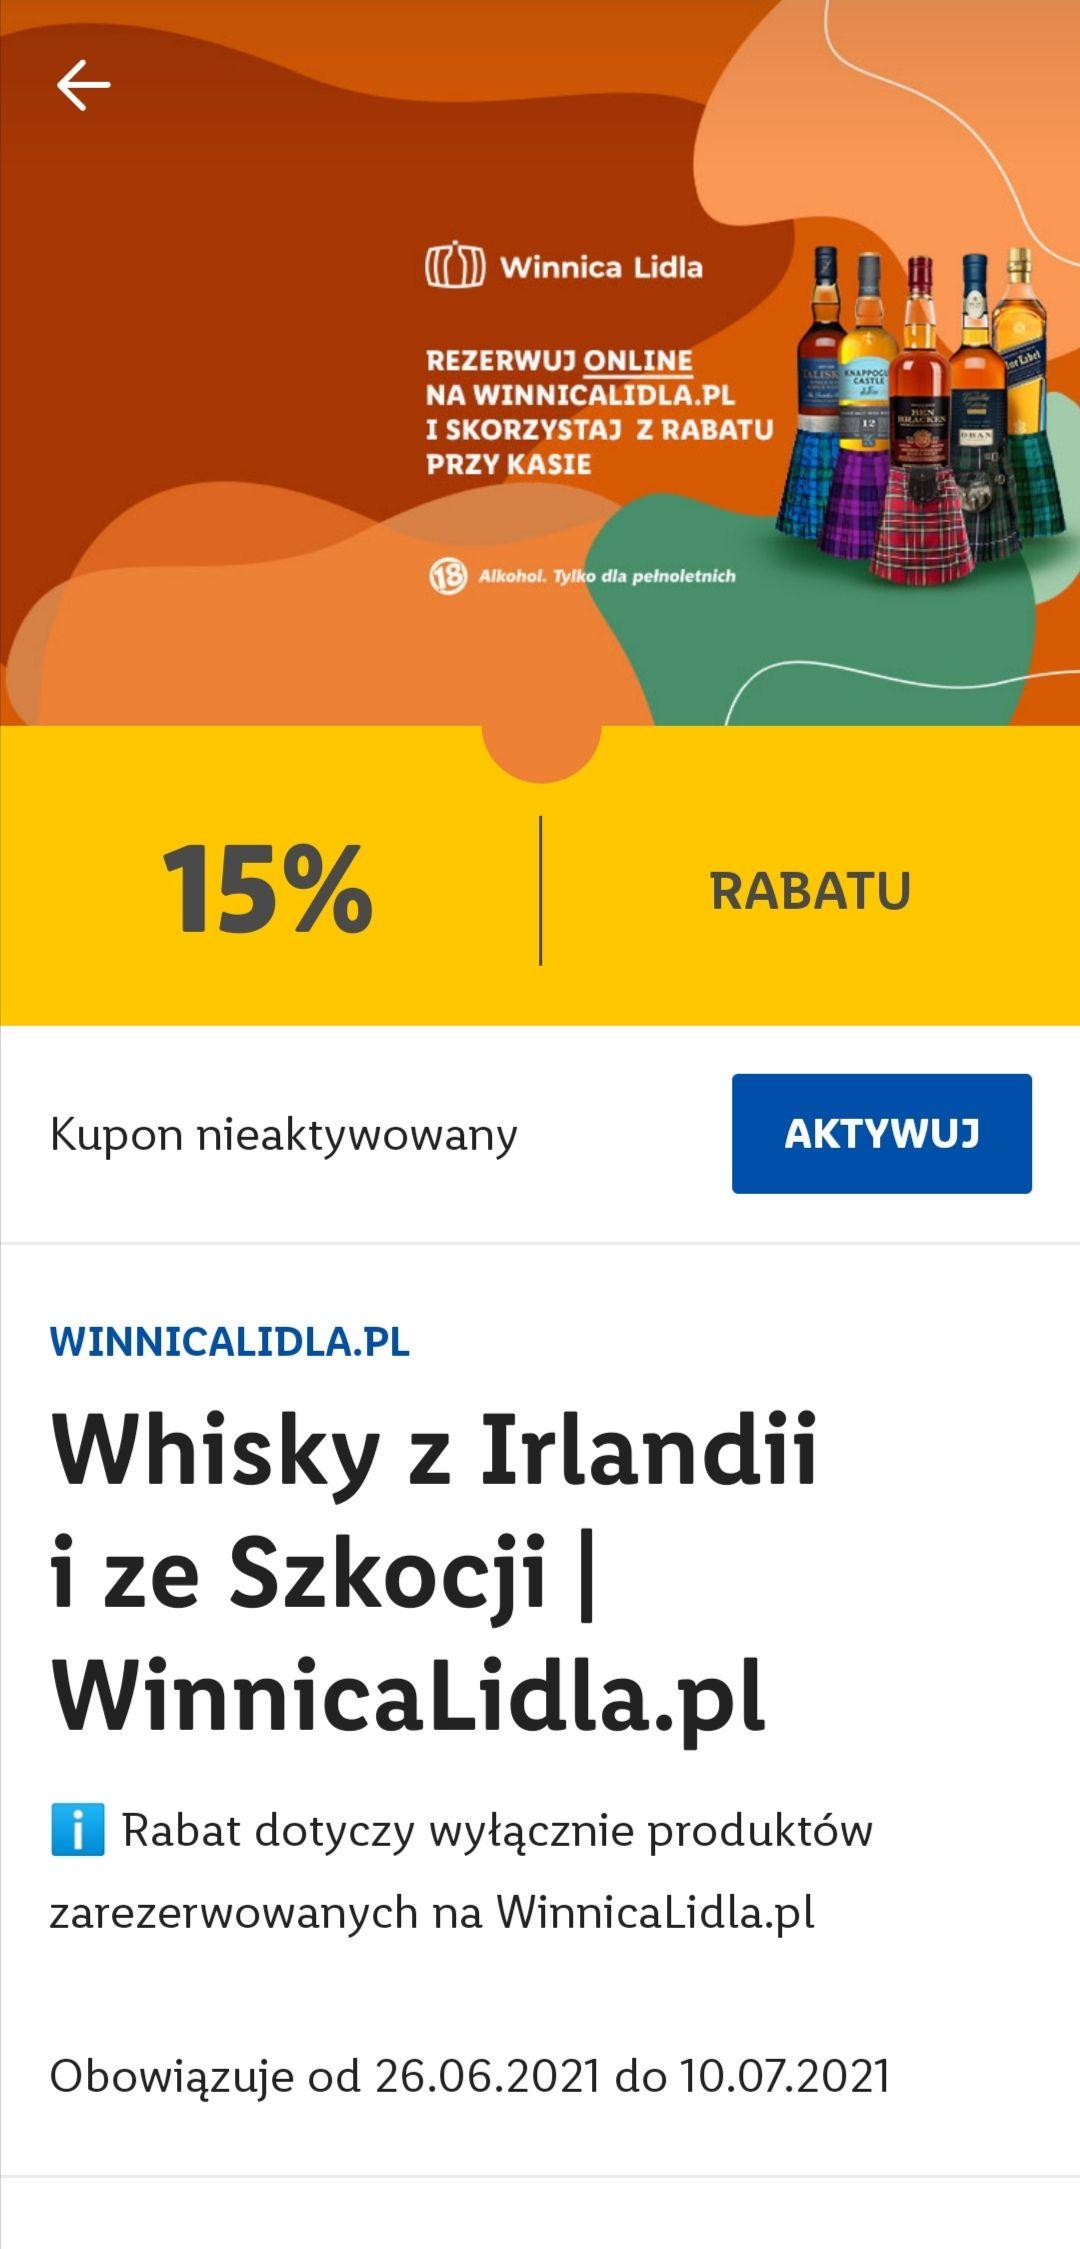 15 % zniżki na whisky z Irlandii i ze Szkocji - Winnica Lidla